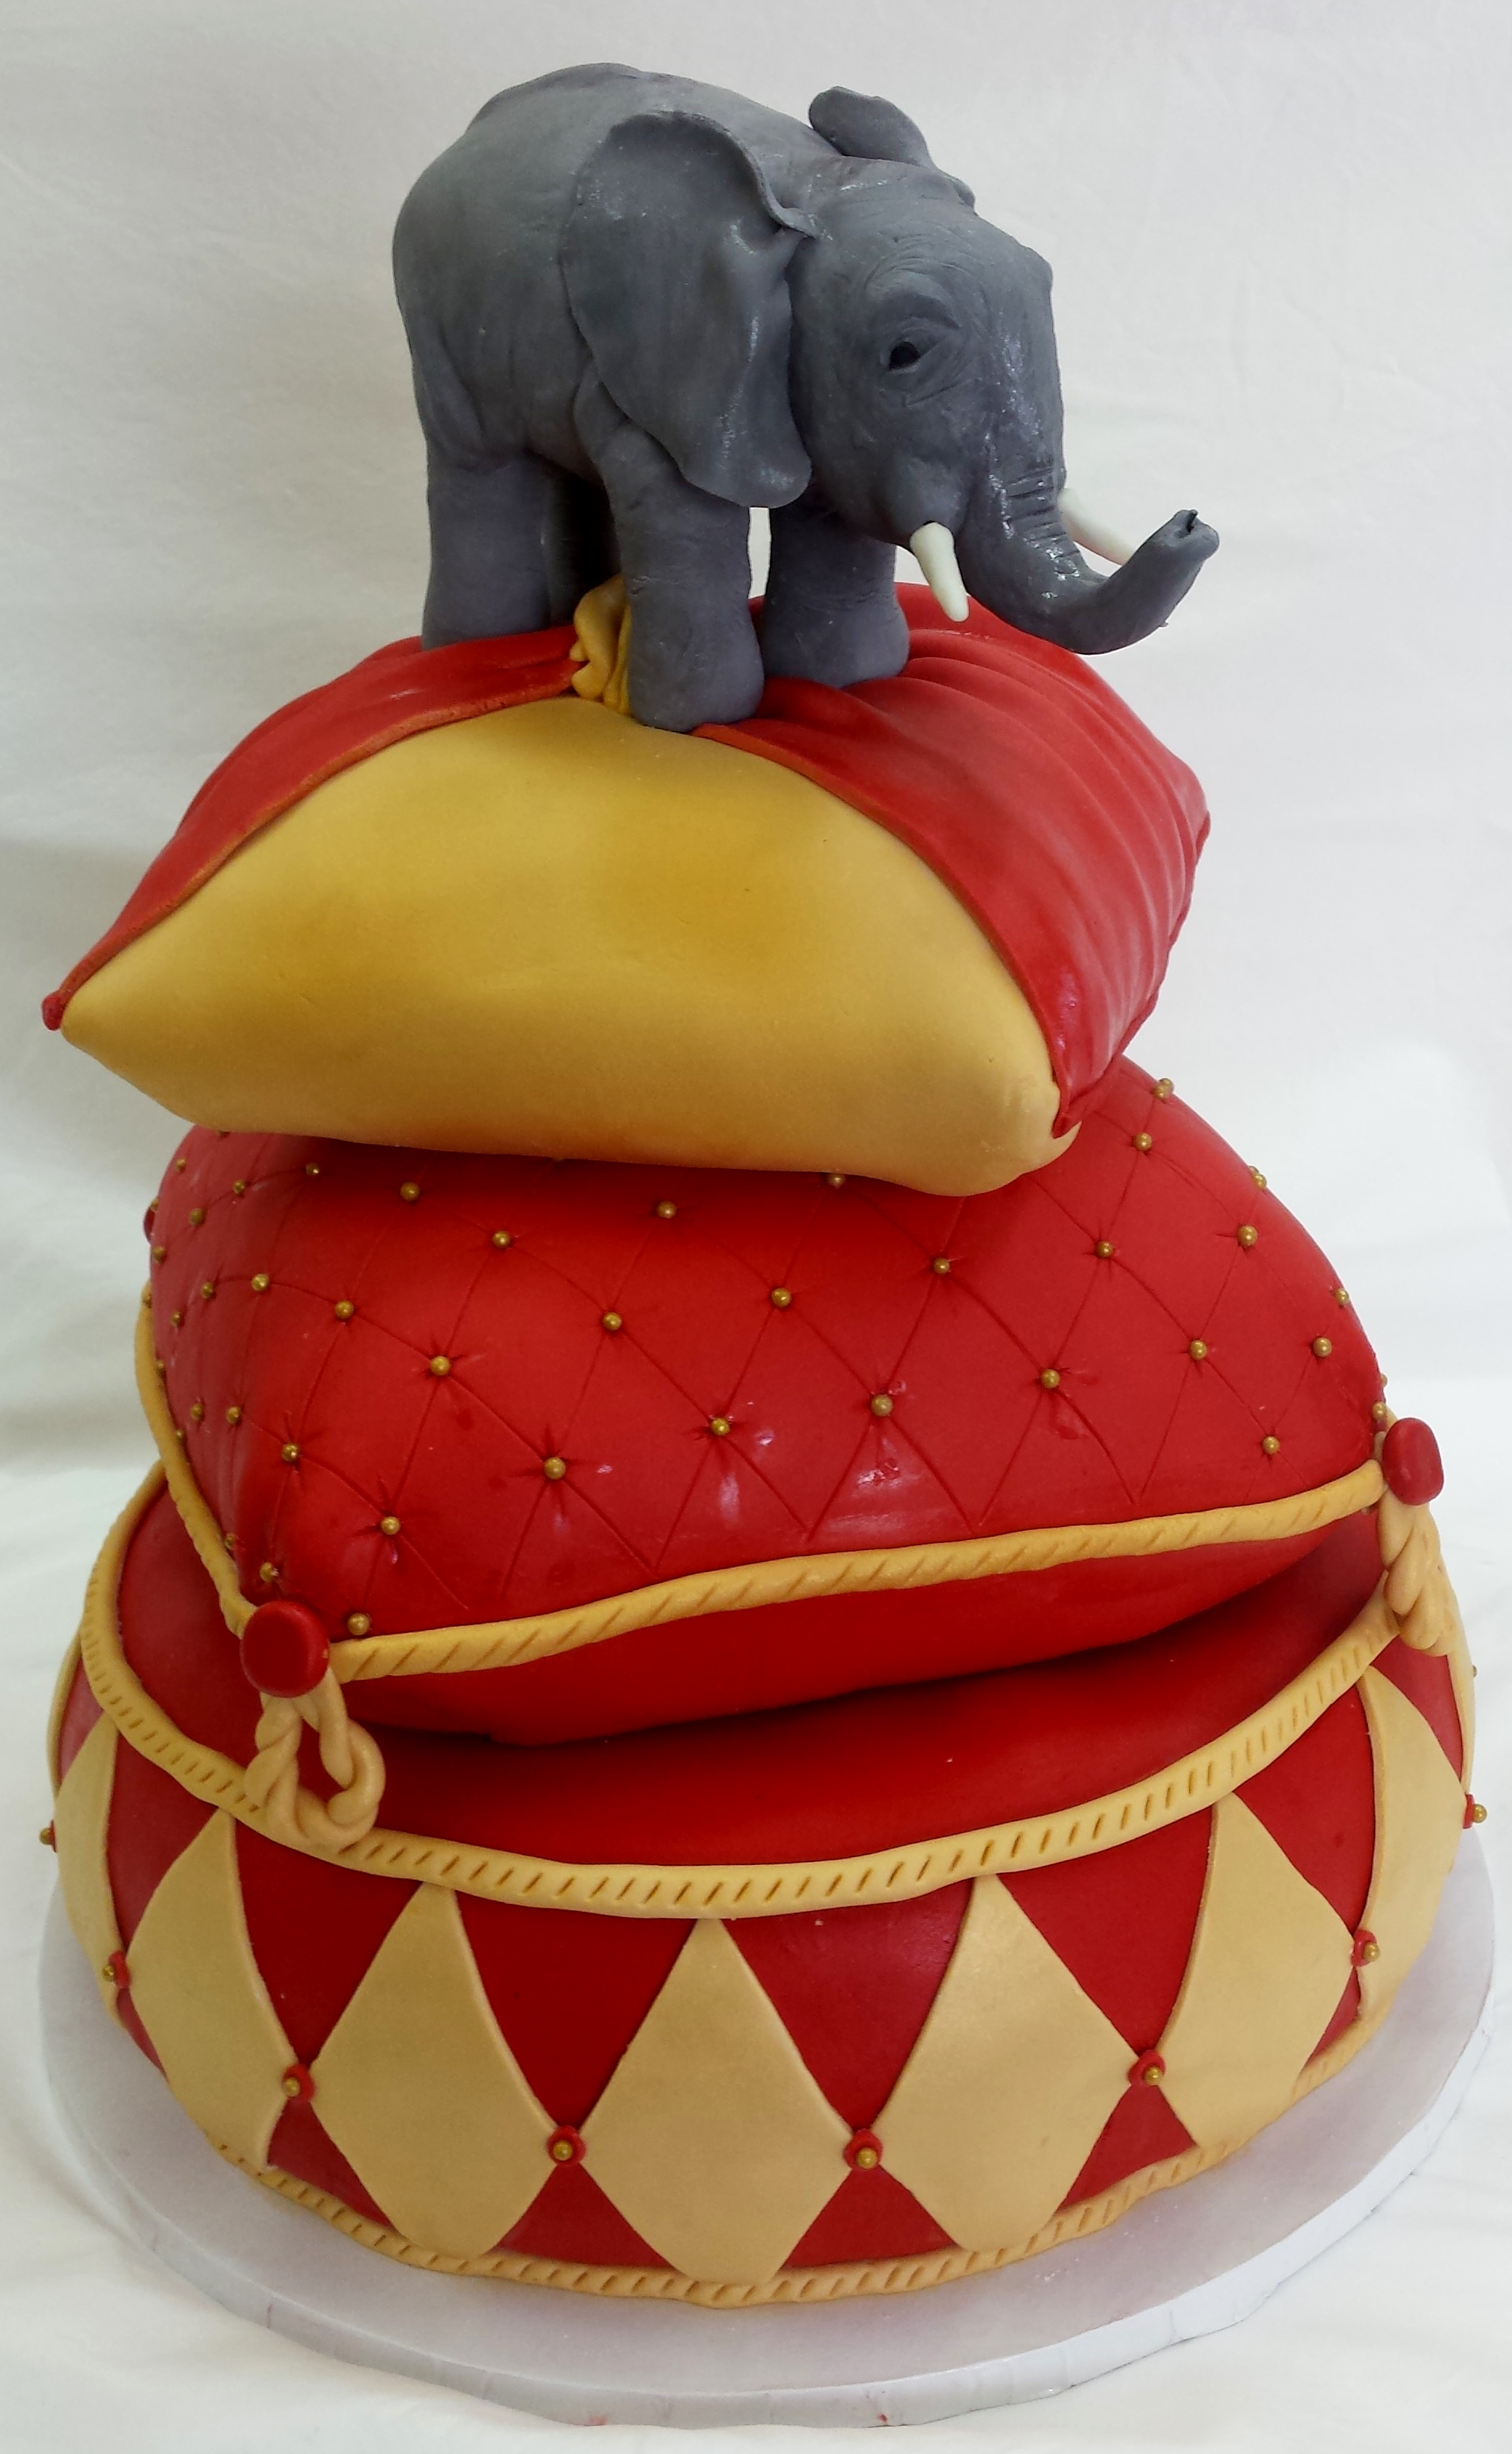 Pillow w/ Elephant Birthday Cake